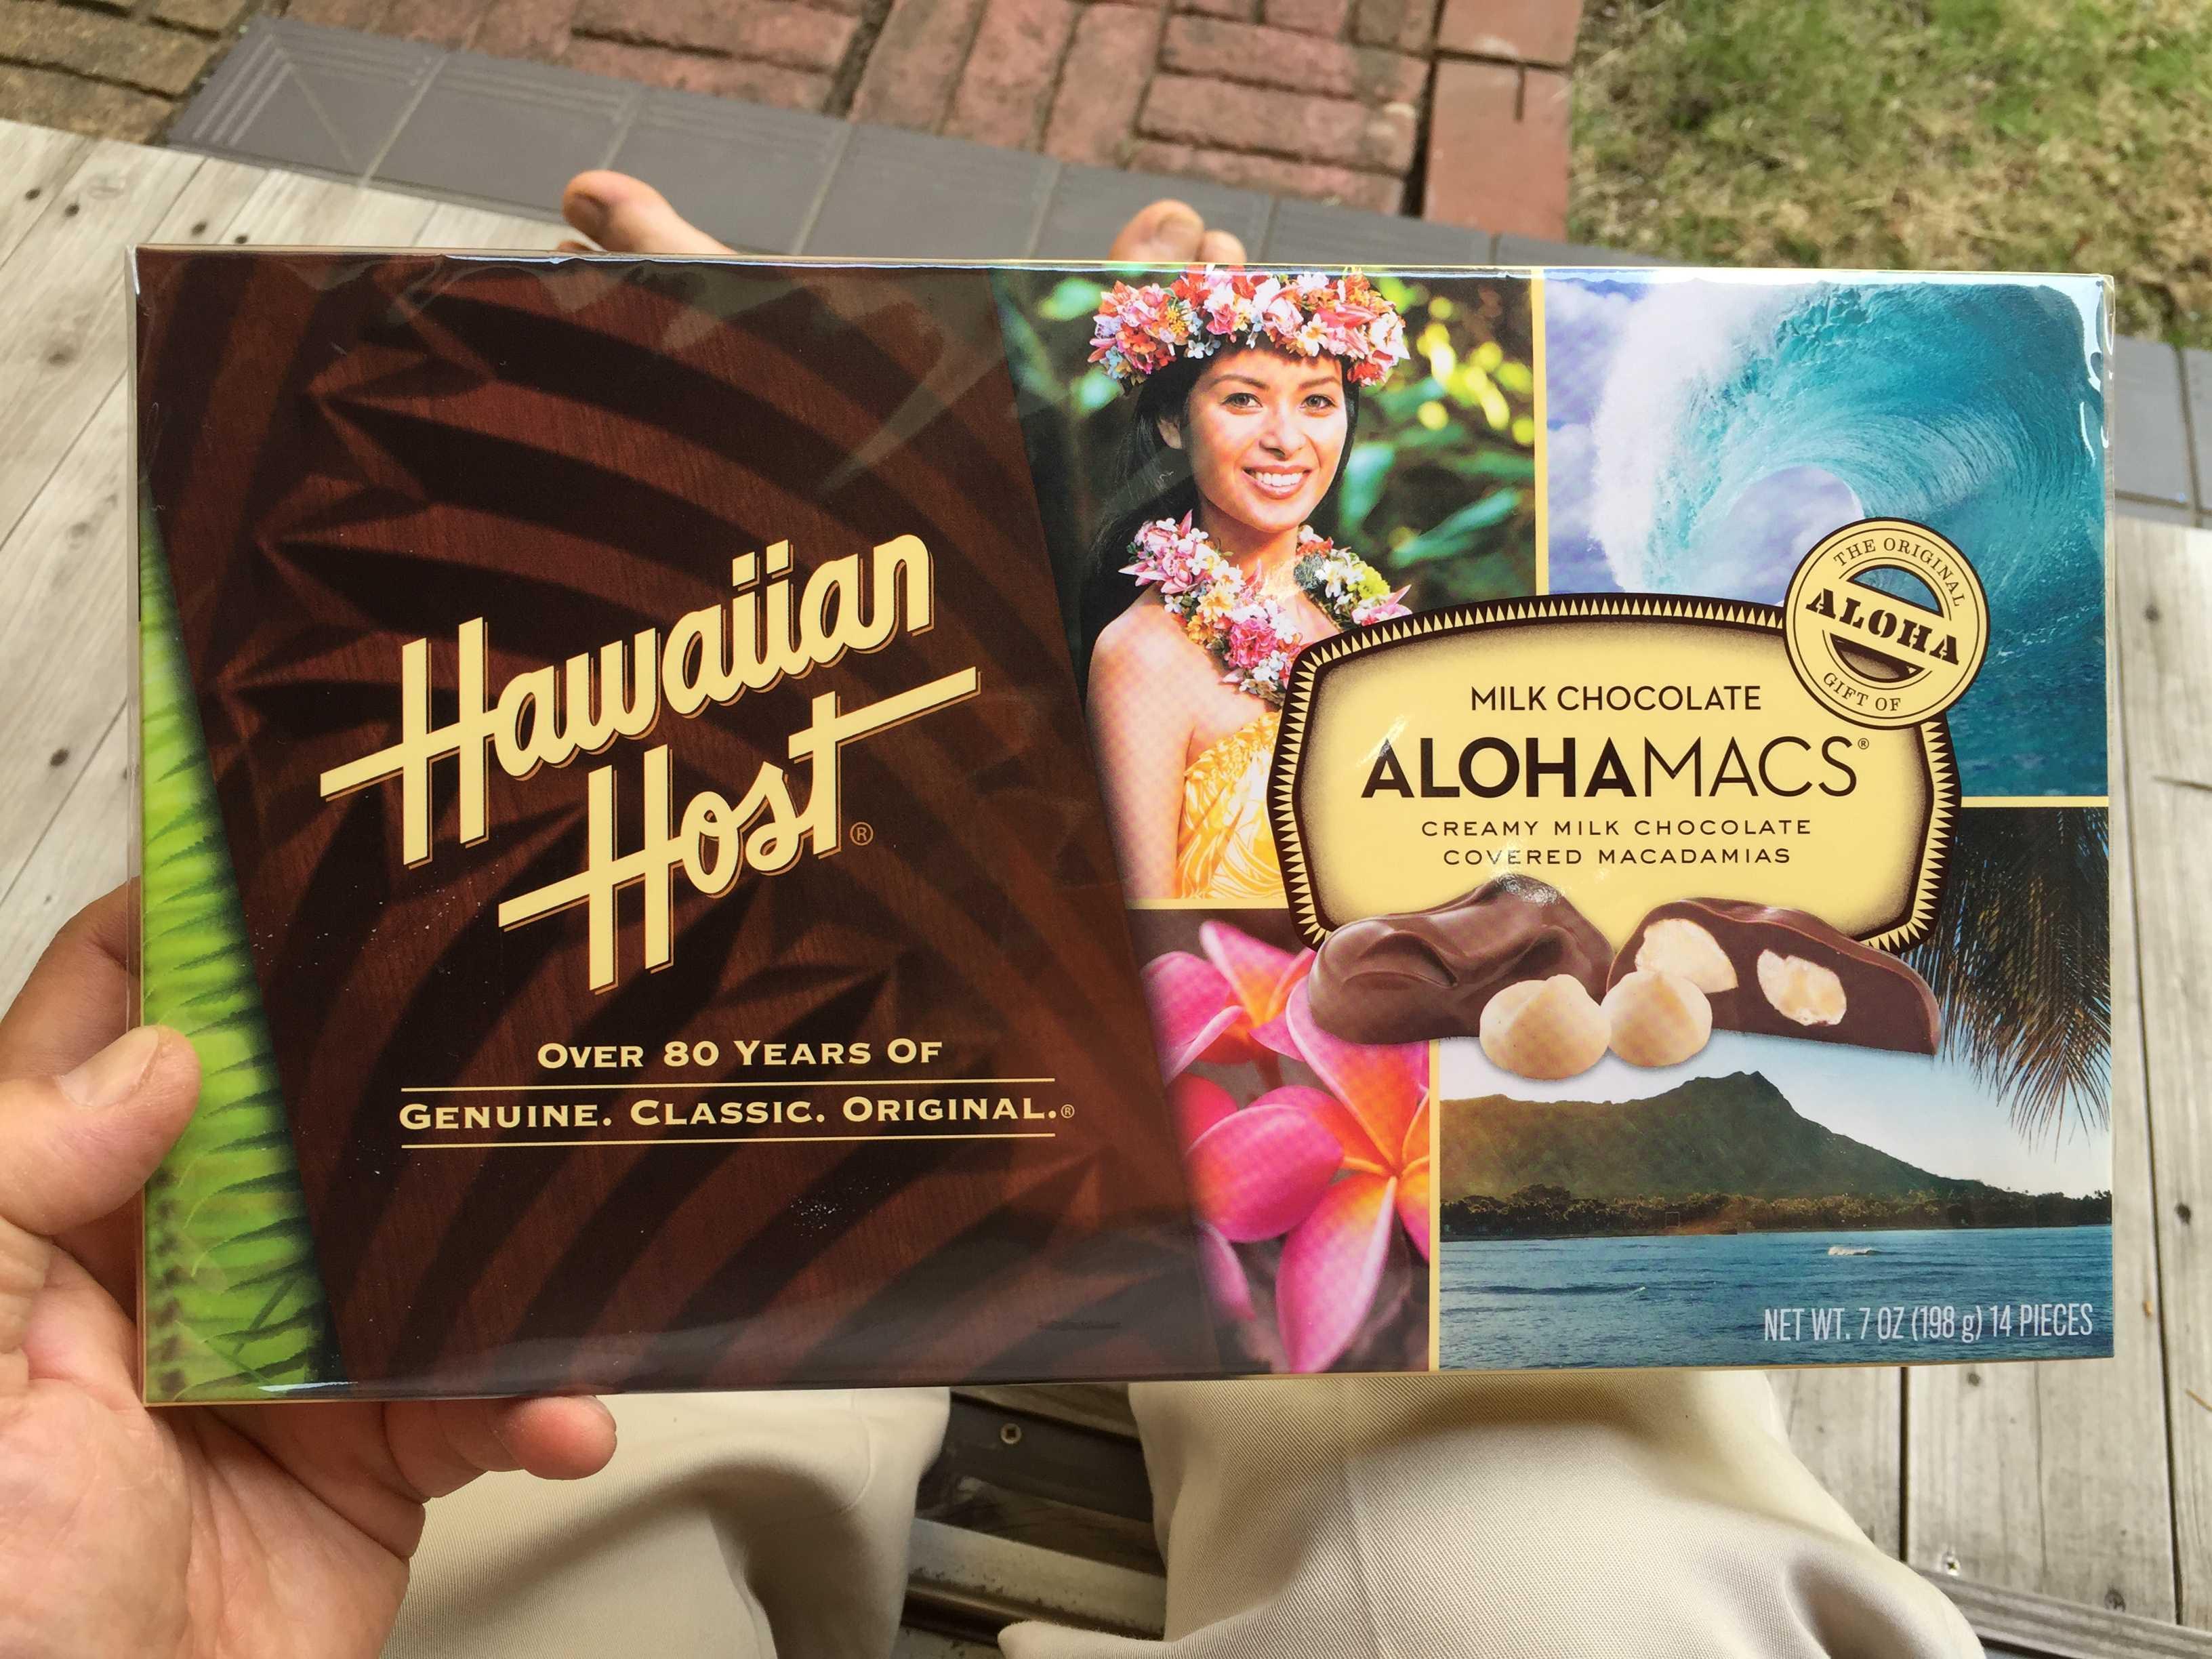 ハワイアンホースト アロハマックス7oz(14粒)